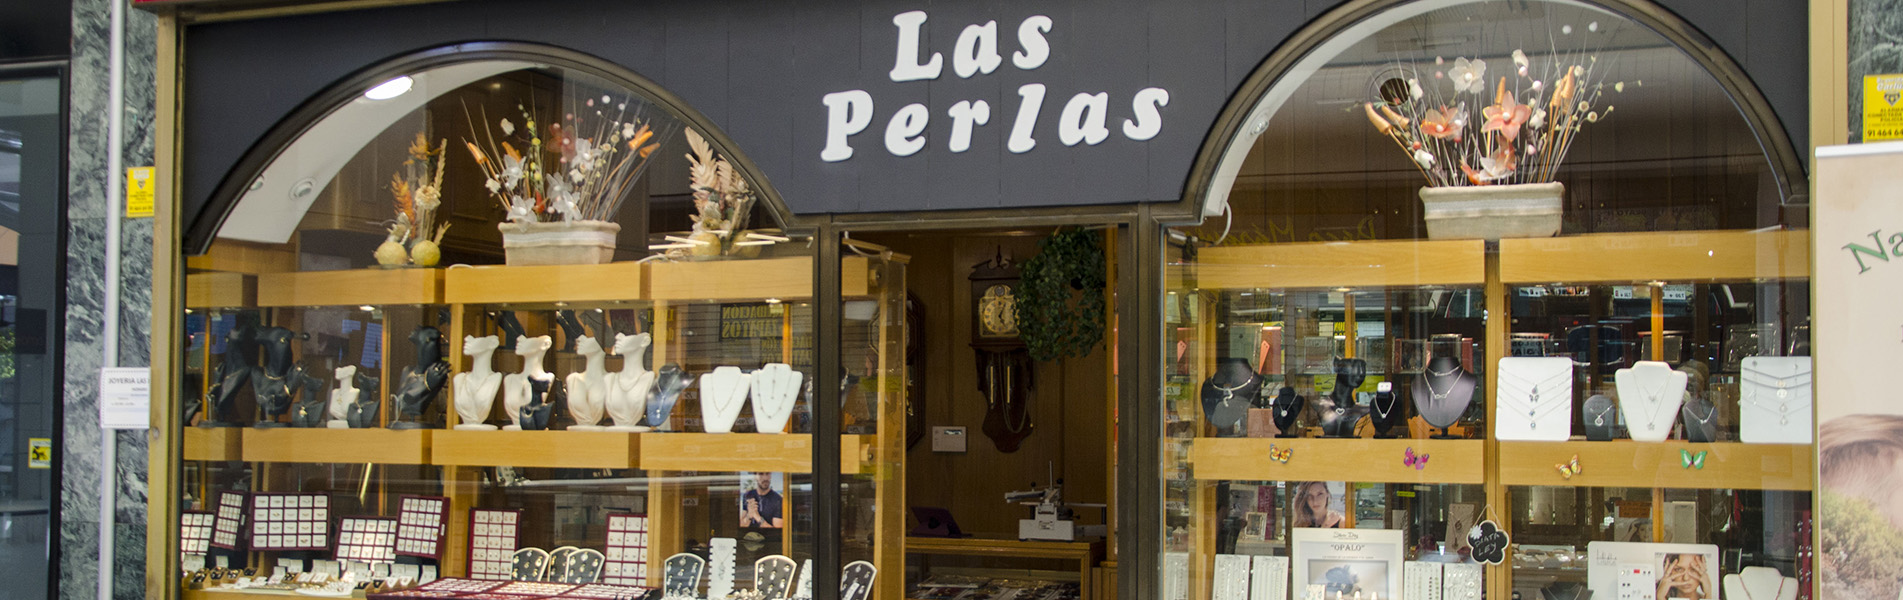 img Joyería Las Perlas